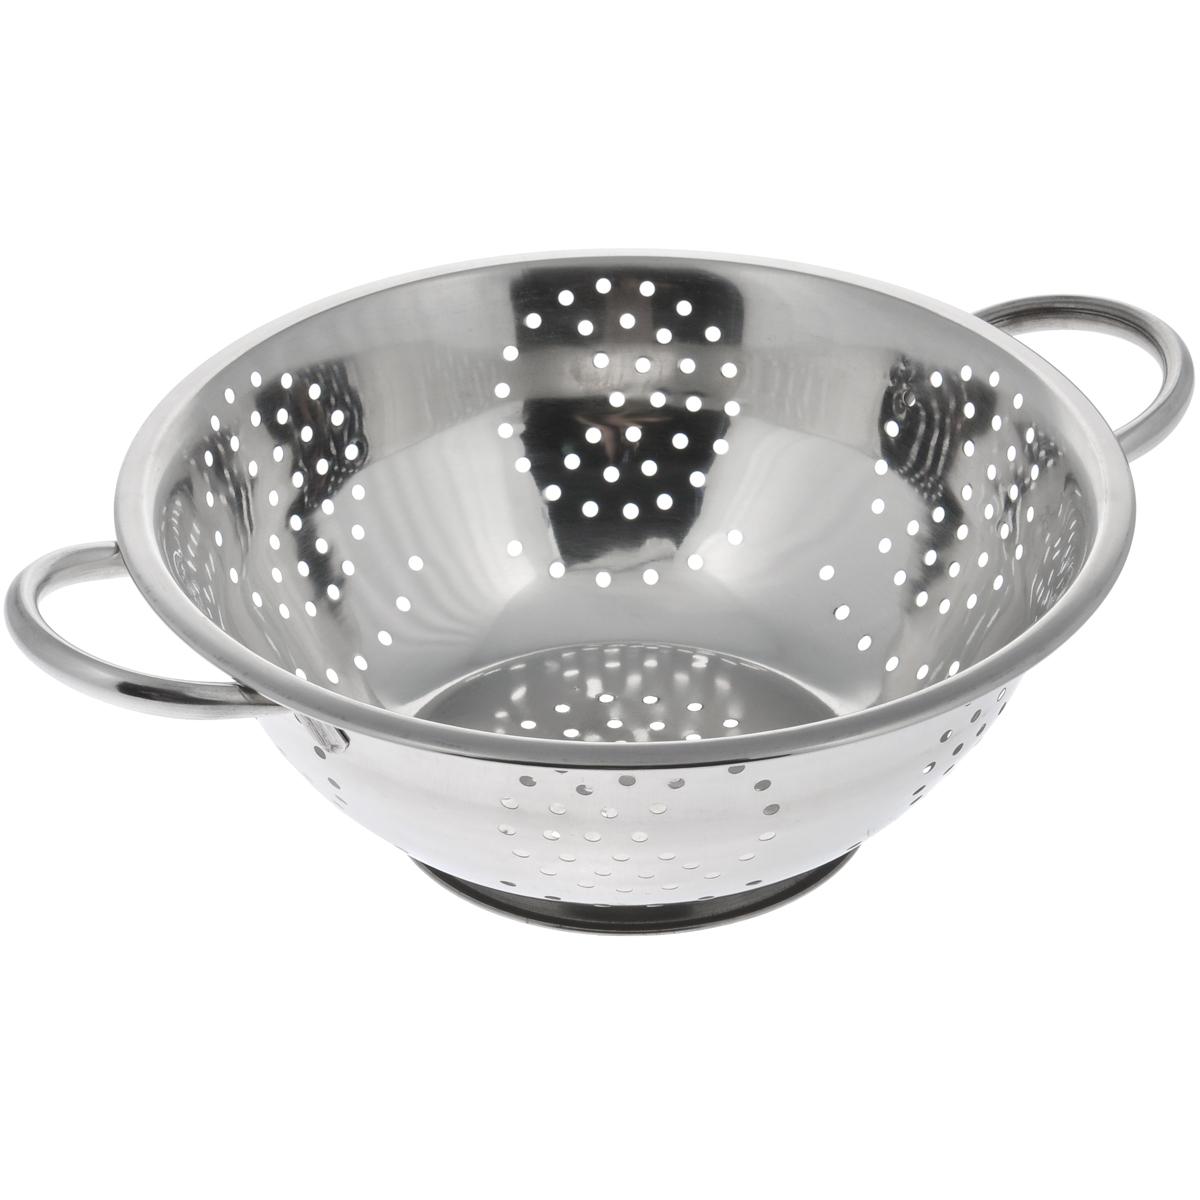 Дуршлаг Padia, диаметр 28 см115510Дуршлаг Padia, изготовленный из высококачественной нержавеющей стали, станет полезным приобретением для вашей кухни. Он идеально подходит для процеживания, ополаскивания и стекания макарон, овощей, фруктов. Дуршлаг оснащен устойчивым основанием и удобными ручками по бокам.Диаметр дуршлага (без учета ручек): 28 см.Внутренний диаметр: 25,5 см.Длина дуршлага (с учетом ручек): 34,5 см.Высота стенки дуршлага: 10 см.